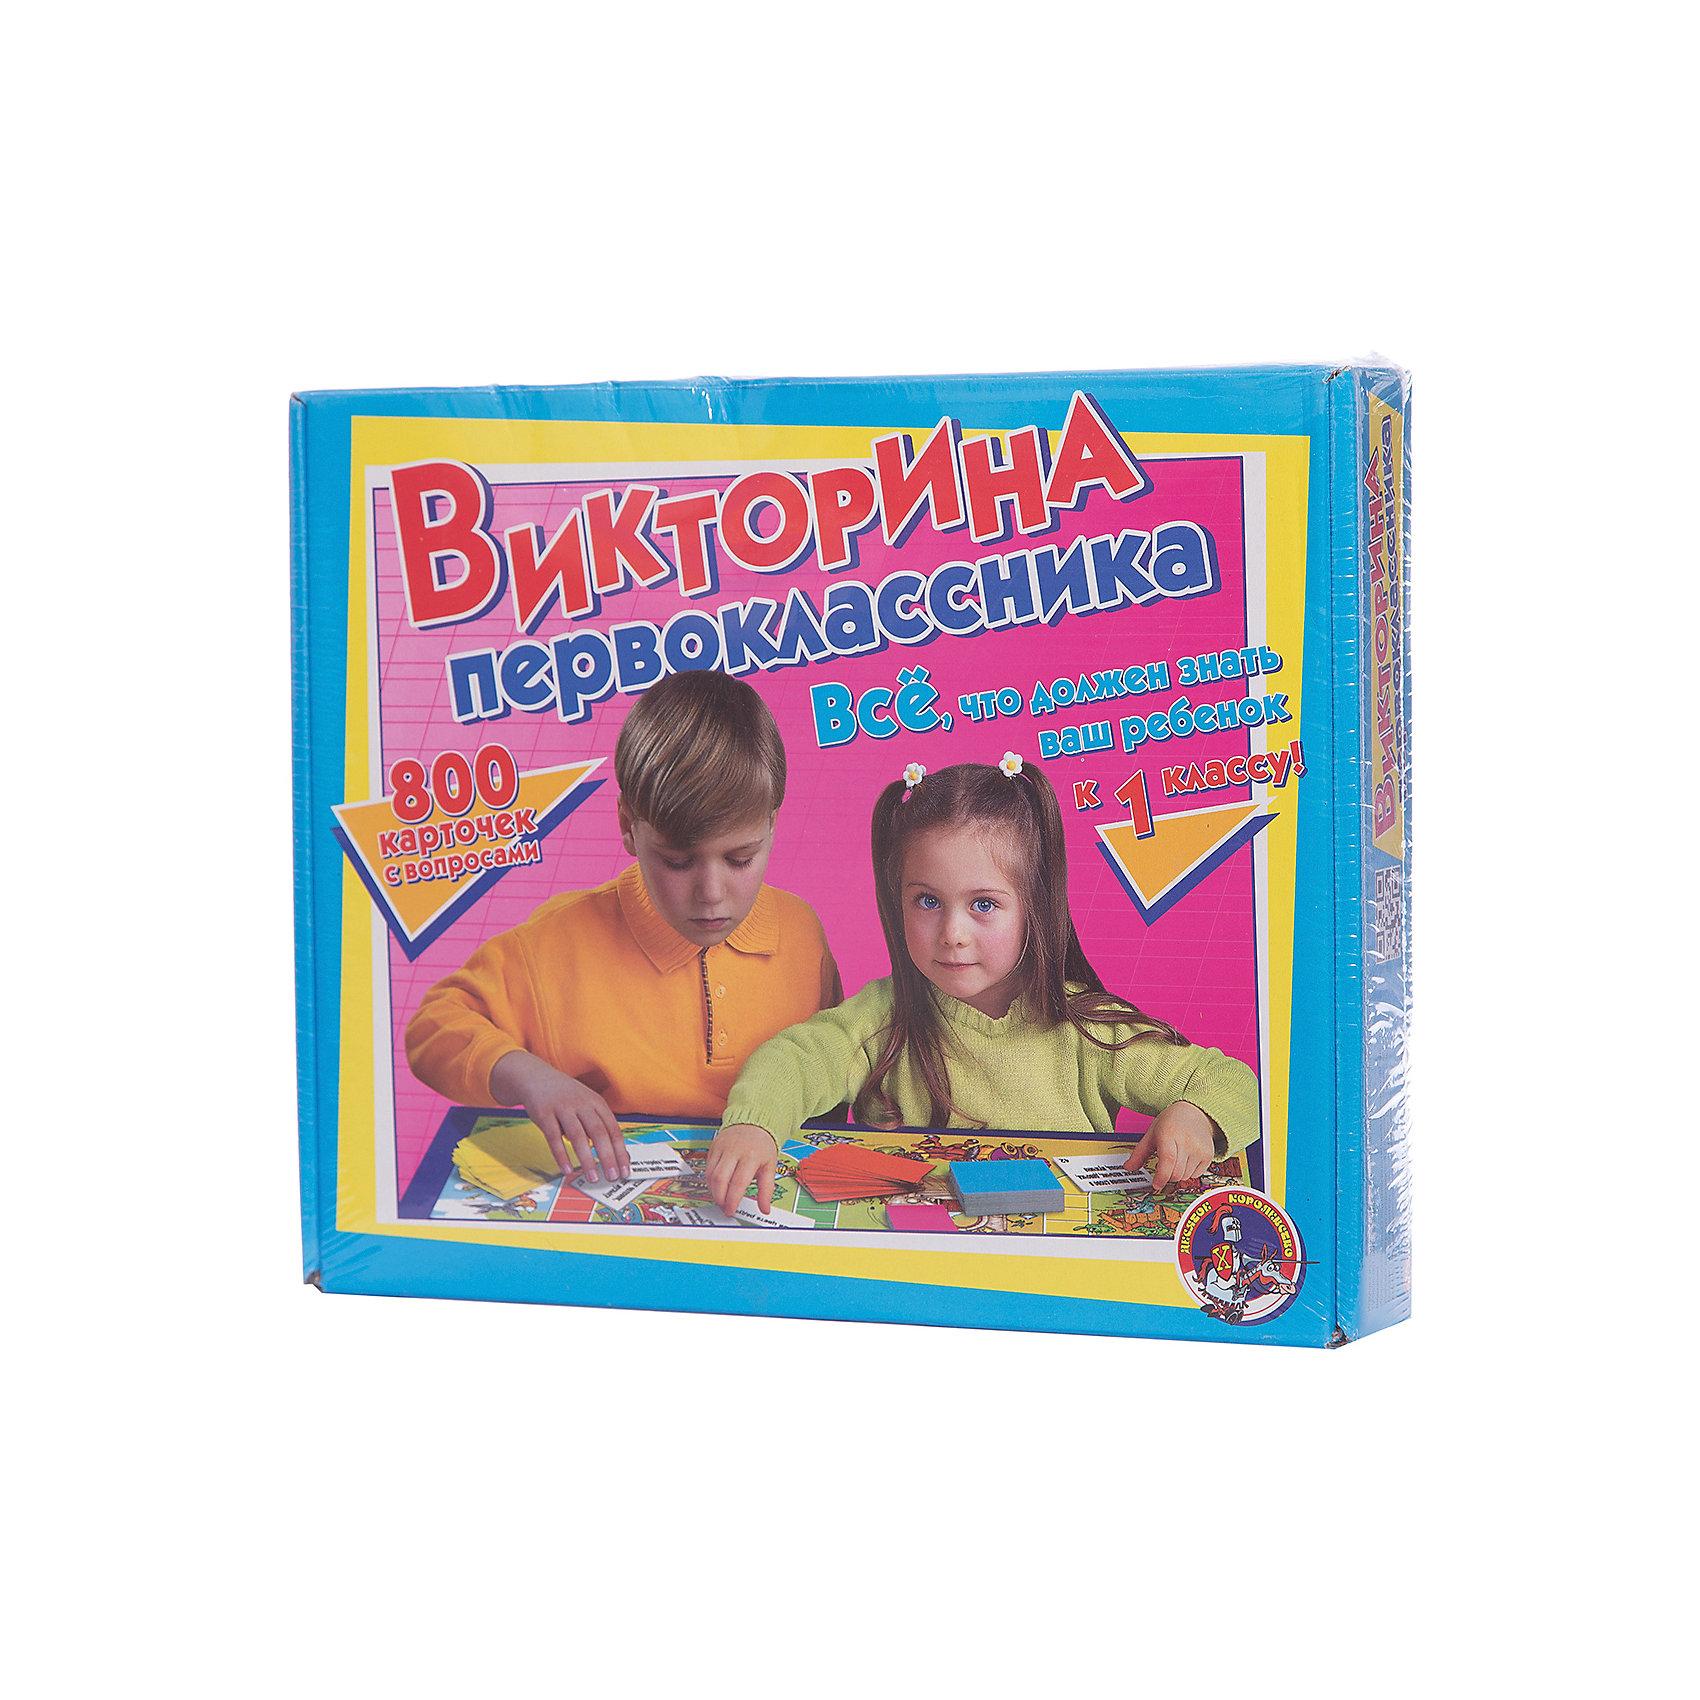 Настольная игра Викторина первоклассника, Десятое королевствоВикторины<br>Настольная игра Викторина первоклассника, Десятое королевство<br><br>Характеристики: <br><br>• Возраст: от 5 лет<br>• Материал: картон, бумага, пластик<br>• Количество участников: от 2<br>• В комплекте: игровое поле, 800 карточек с воросами, 6 фишек, кубик, правила игры<br><br>Эта игра предназначена для детей, которые уже учатся в школе. Так же она позволяет накопить больше знаний тем, кто только собирается поступать в первый класс. В наборе содержится целых 800 заданий с вопросами, 6 фишек, кубик и правила игры. <br><br>Вопросы в наборе самые разные, касающиеся многих сфер жизни. Дошкольники смогут узнать много нового, а школьники - еще и пользоваться полученными знаниями.<br><br>Настольная игра Викторина первоклассника, Десятое королевство можно купить в нашем интернет-магазине.<br><br>Ширина мм: 345<br>Глубина мм: 270<br>Высота мм: 60<br>Вес г: 977<br>Возраст от месяцев: 36<br>Возраст до месяцев: 60<br>Пол: Унисекс<br>Возраст: Детский<br>SKU: 5473744